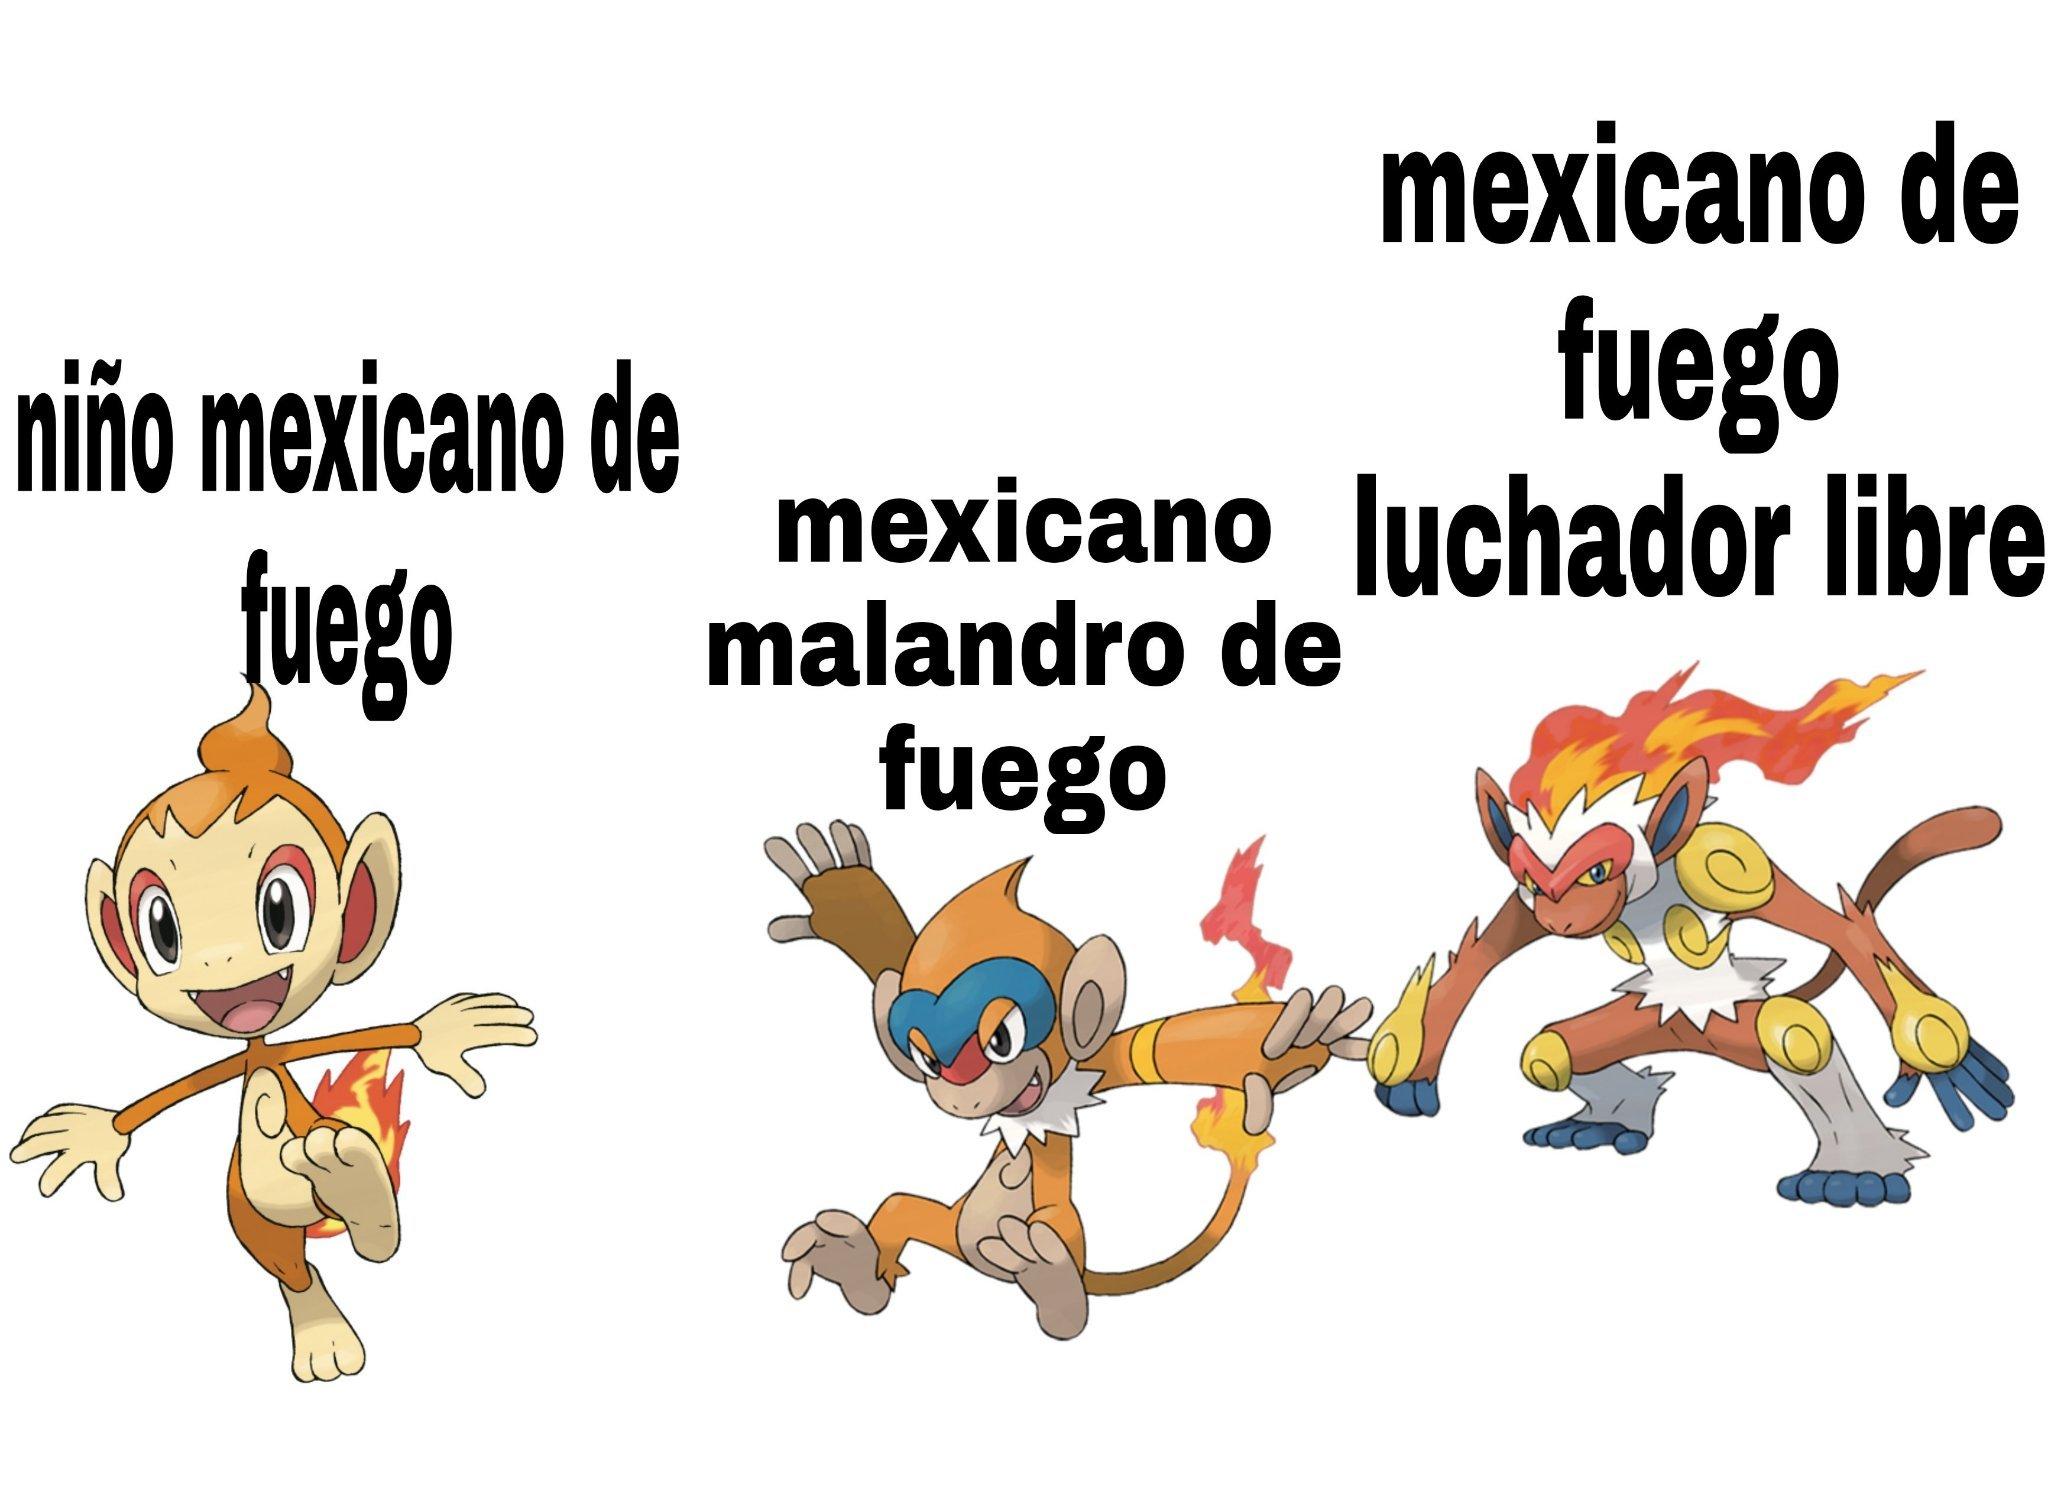 Faltaban memes para ofender a los mexicanos no me lo nieguen